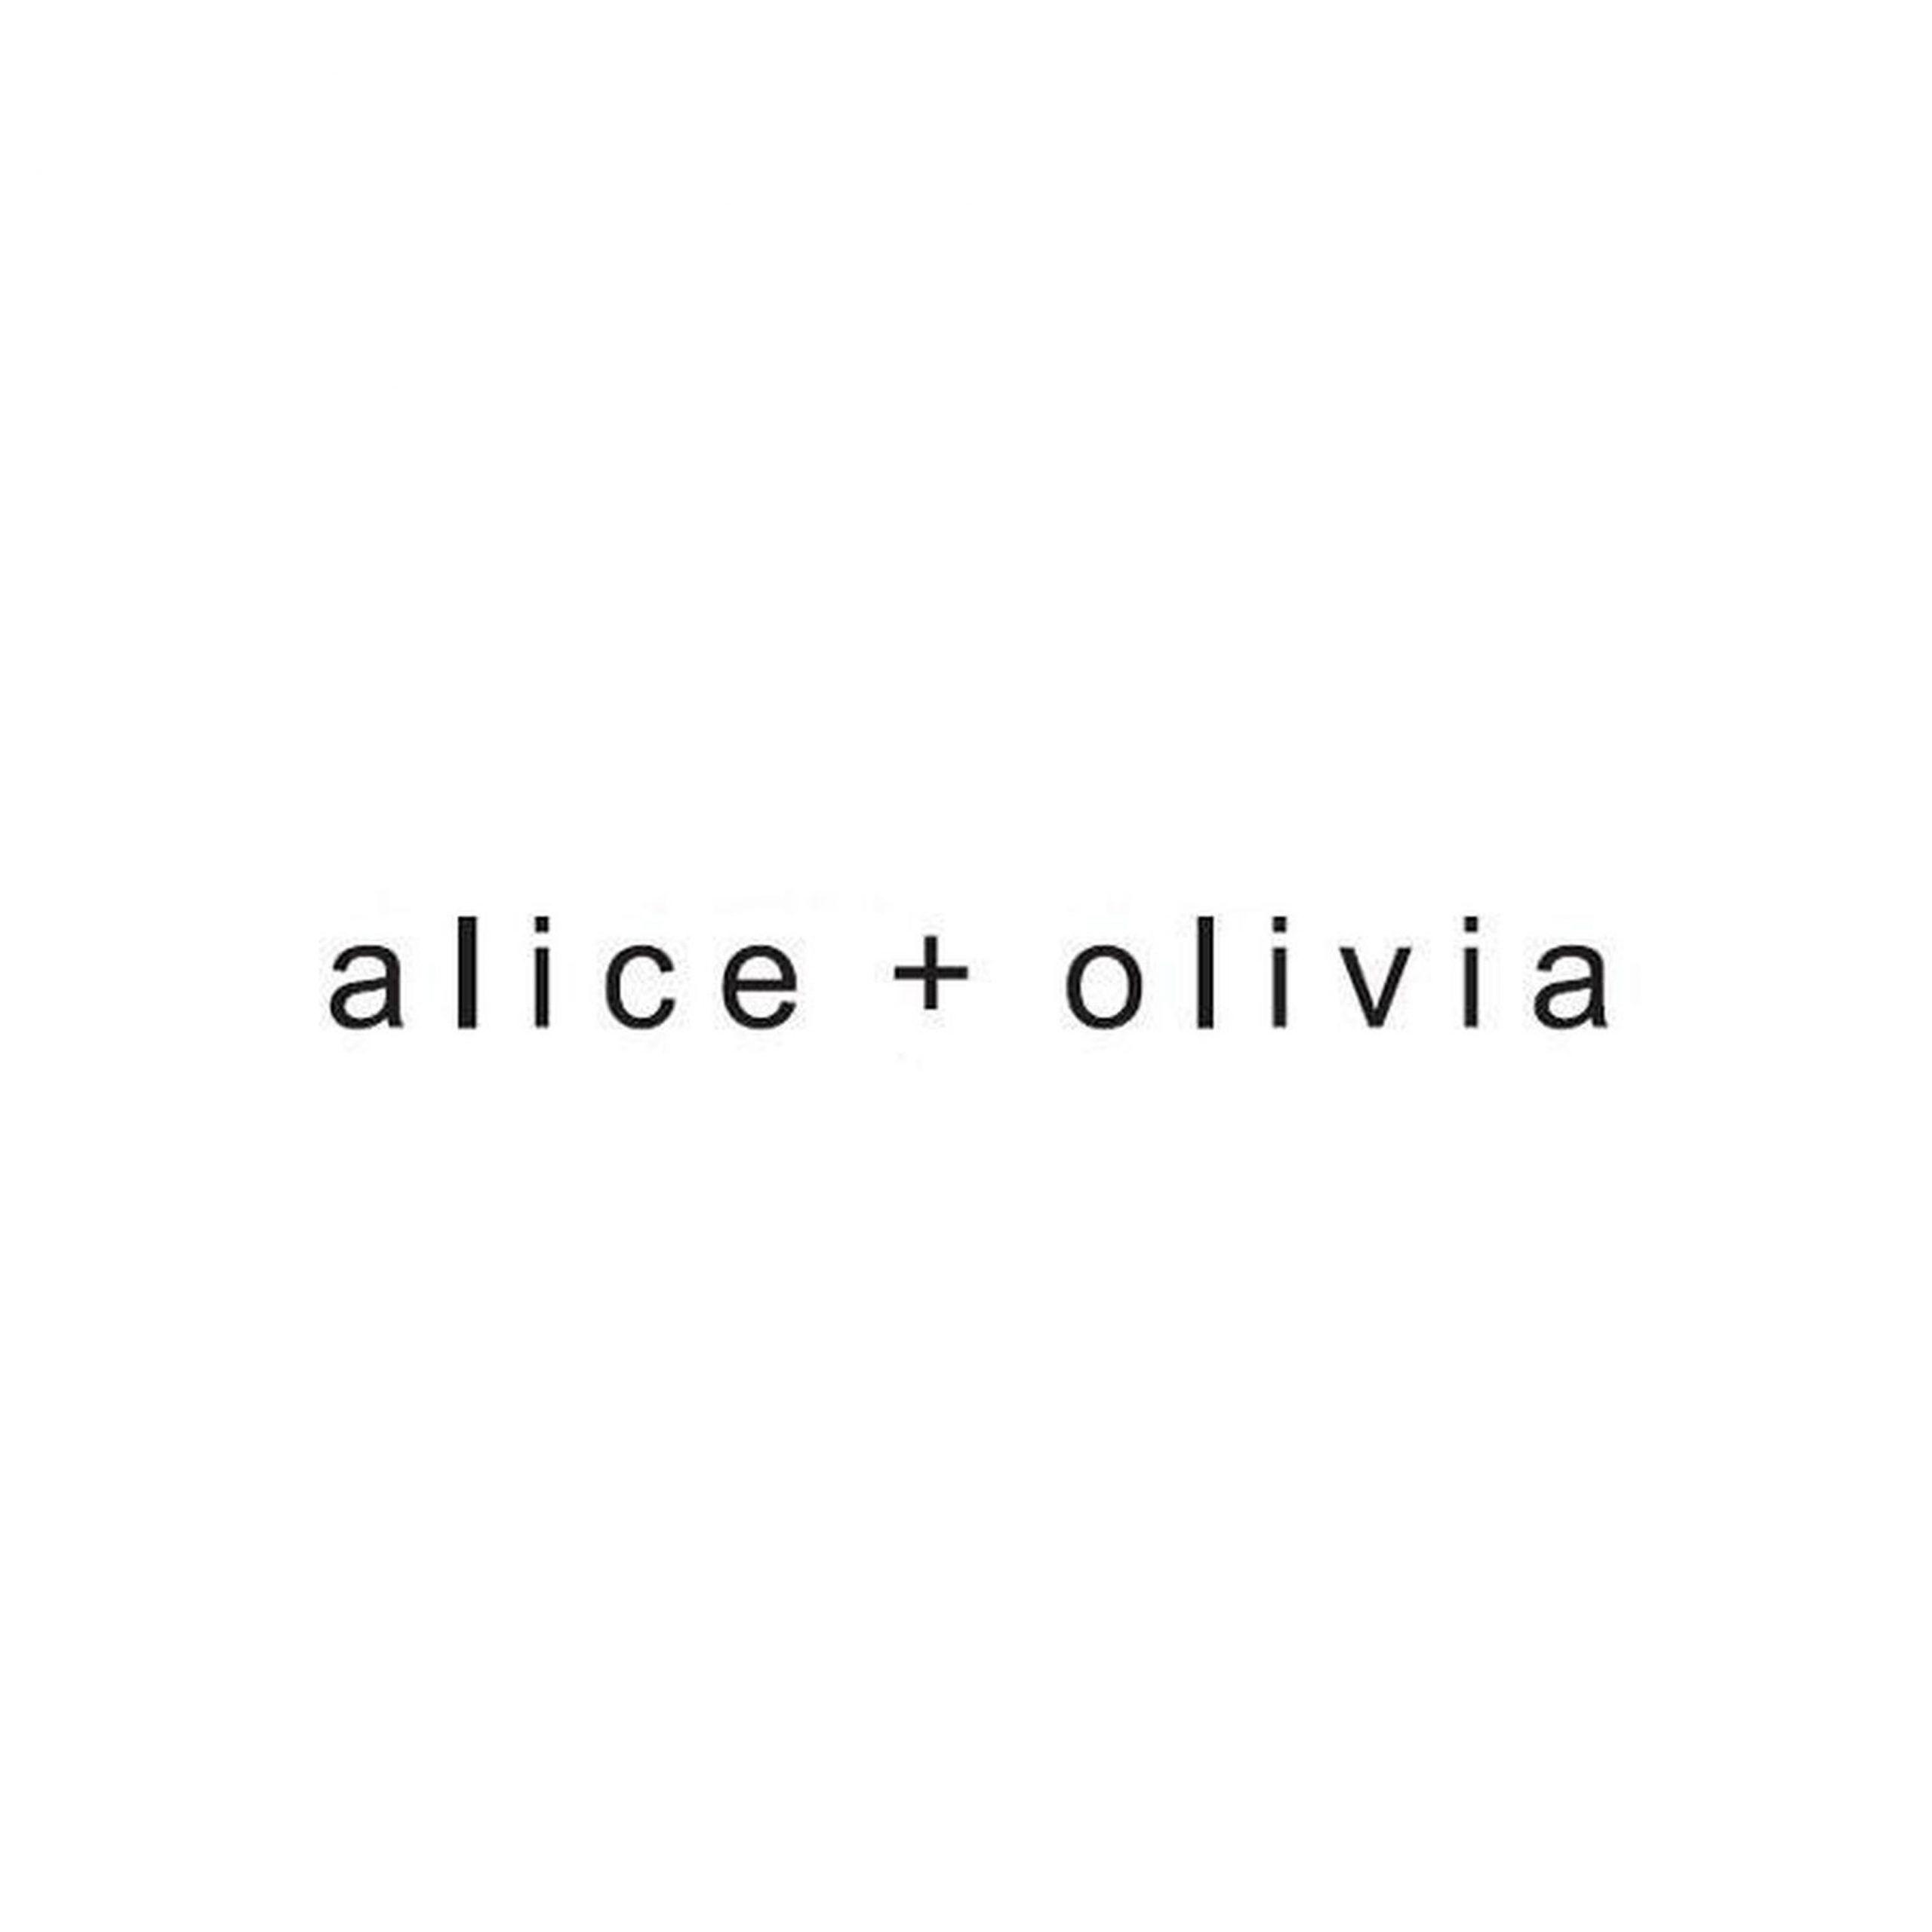 Alice and Olivia-Logo